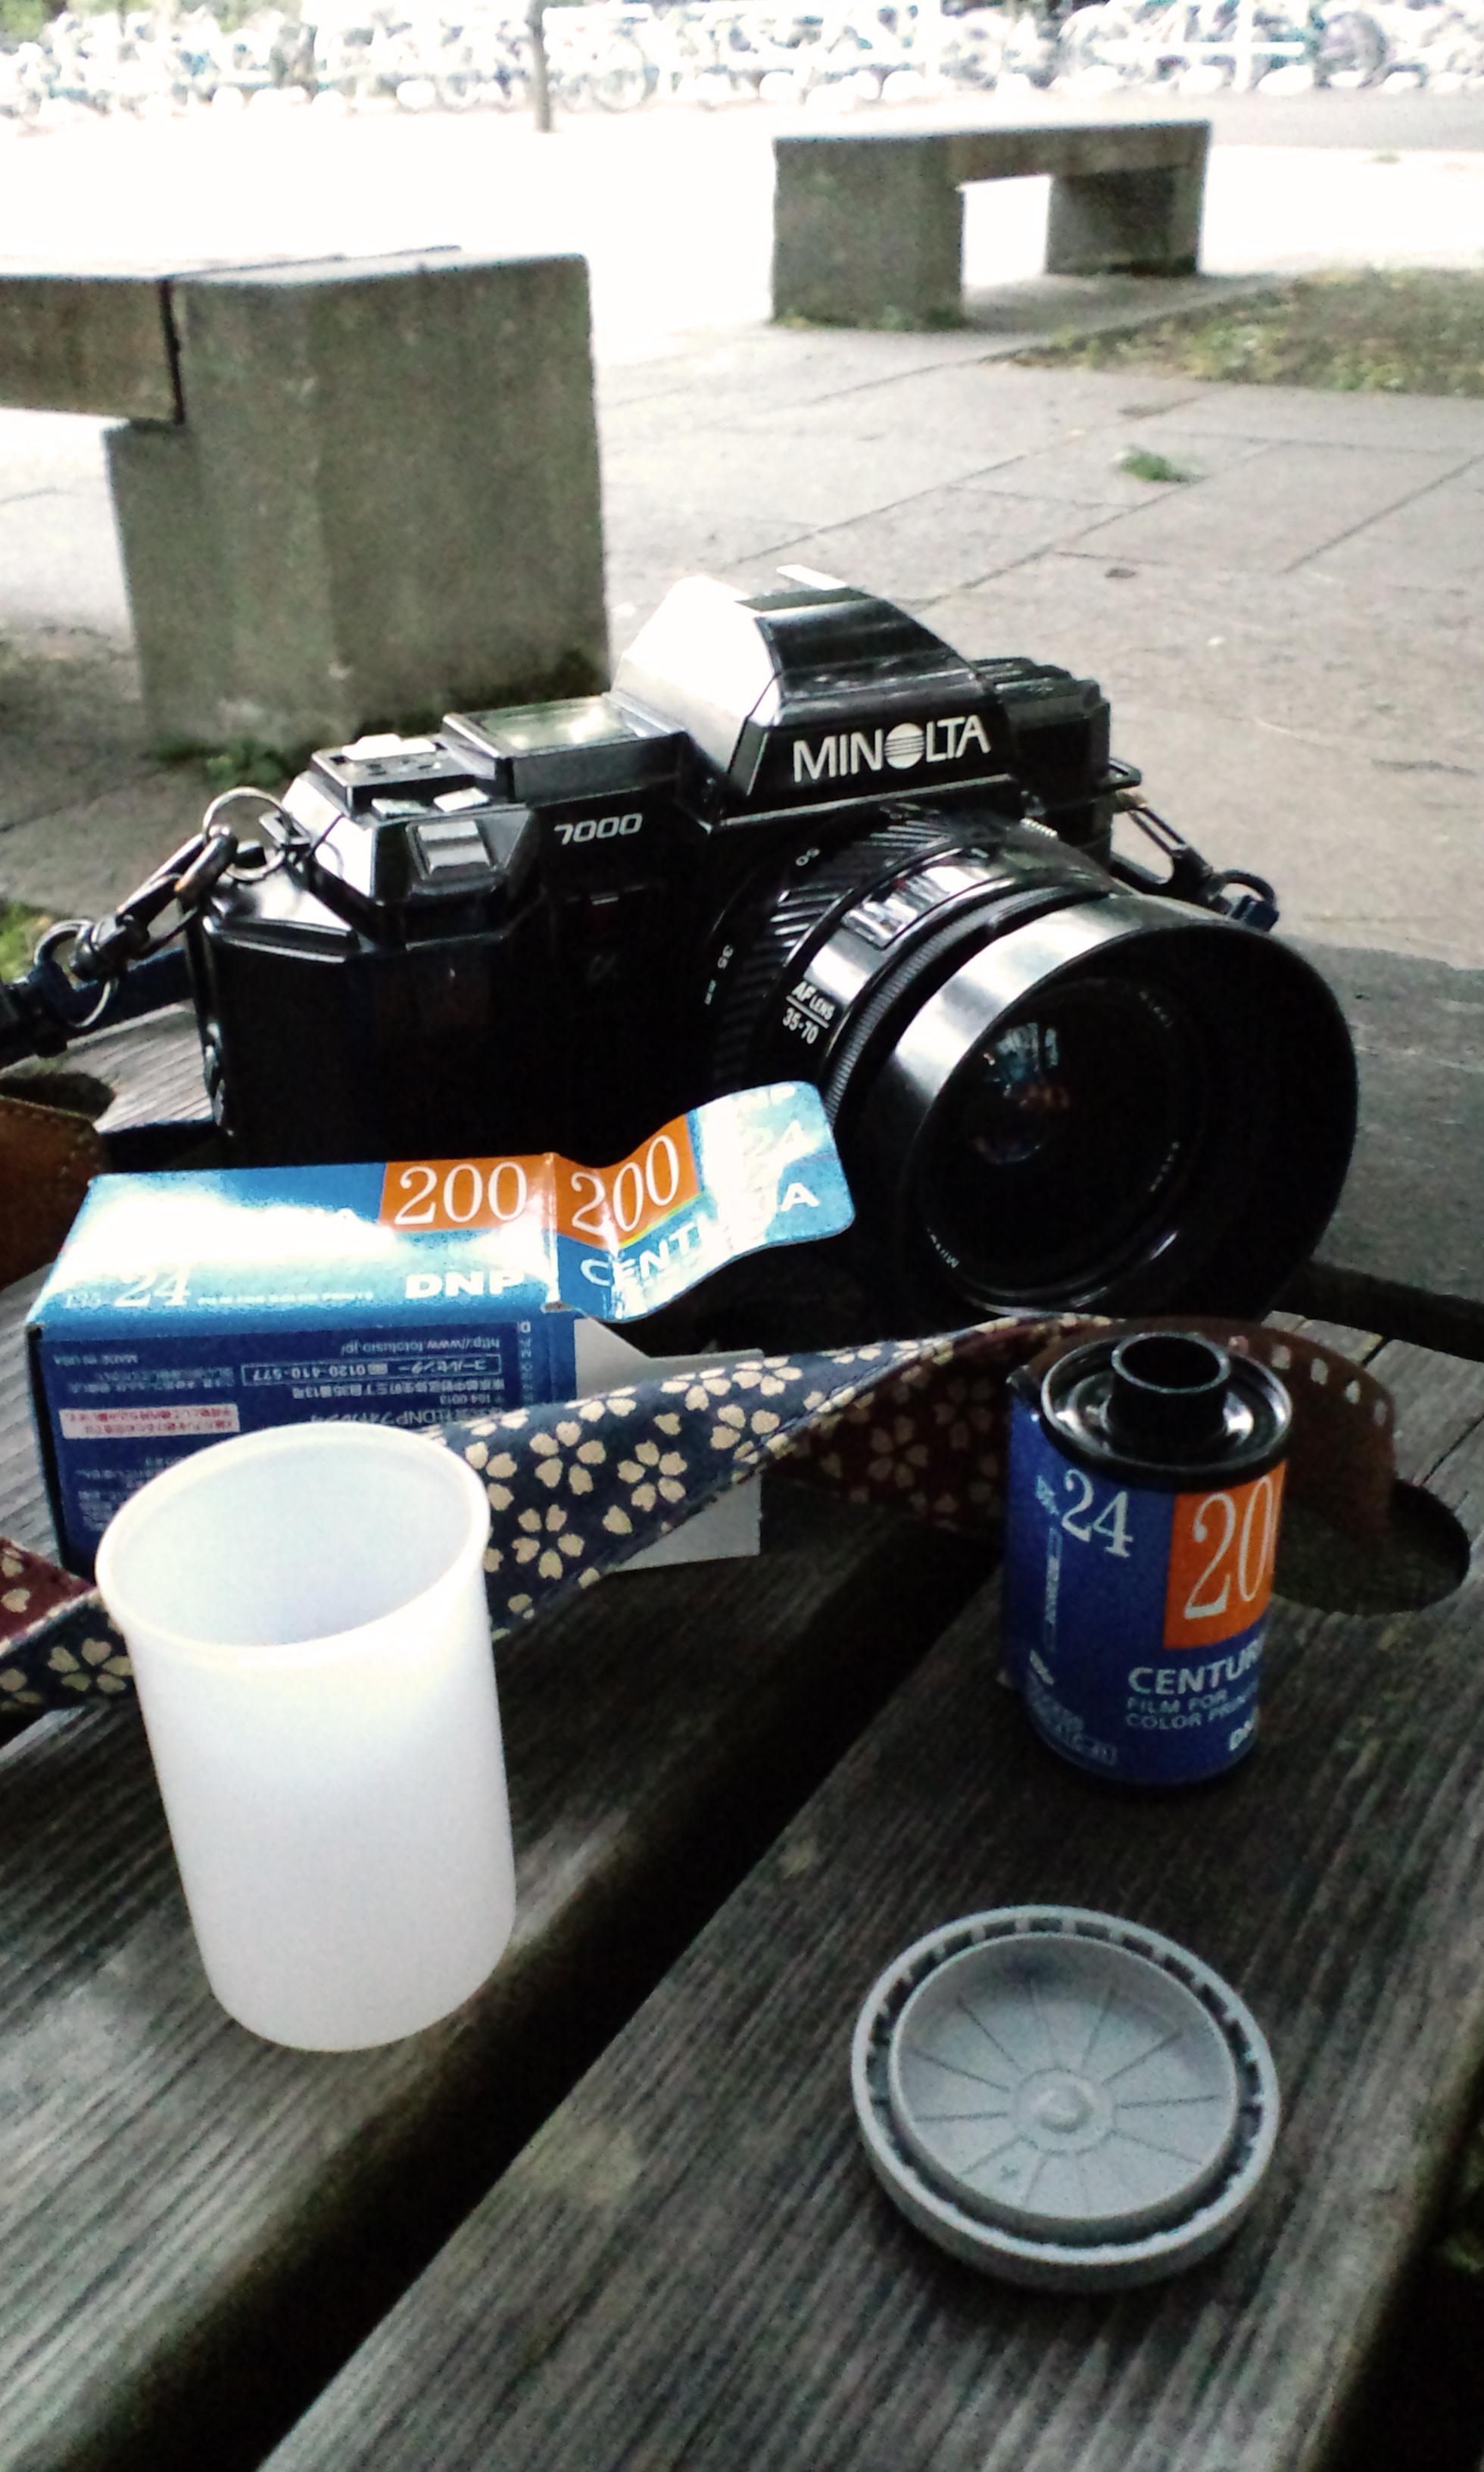 Minolta 7000 Pictures File:minolta Maxxum 7000 Alpha